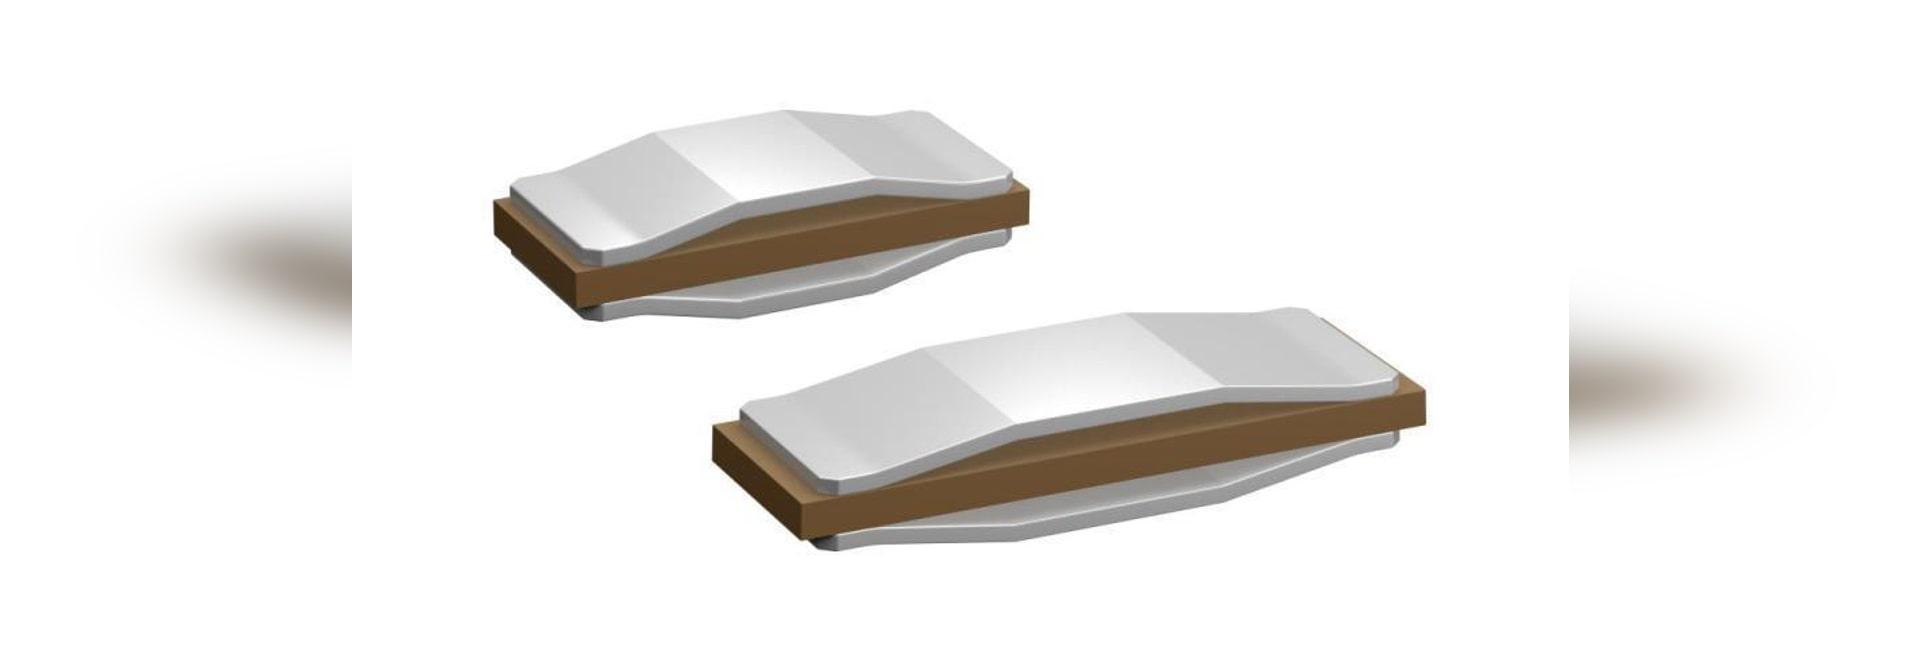 TDK élargit sa gamme d'actionneurs de rétroaction haptique Mini PowerHap